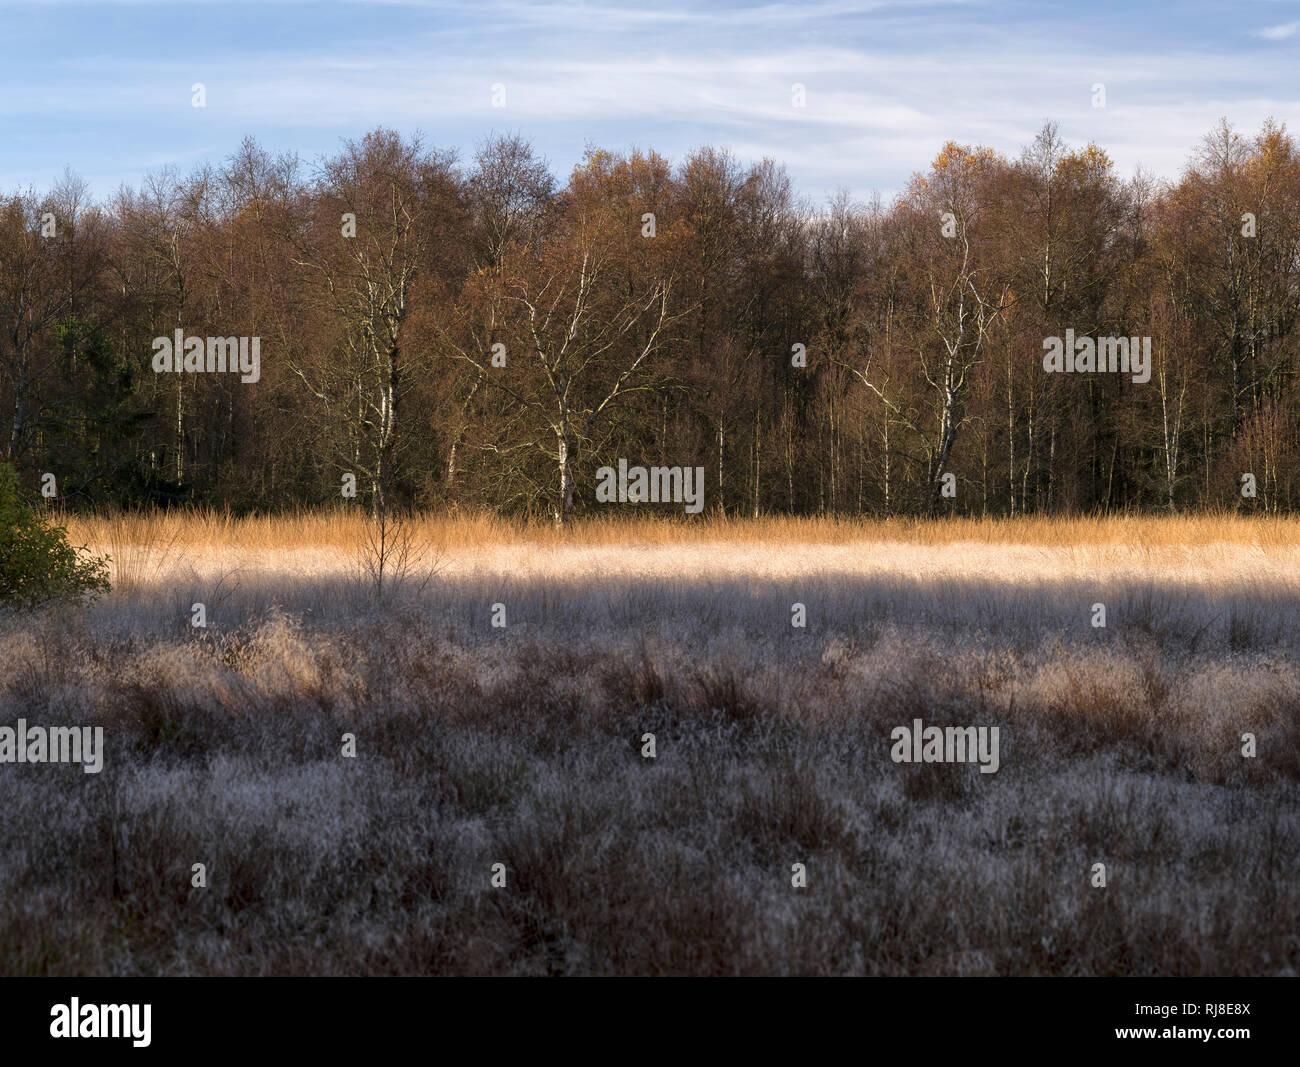 Deutschland, Bayern, Naturpark Bayrische Rhön, UNESCO-Biosphärenreservat, Naturschutzgebiet Schwarzes Moor, Birken und Moorgräser Stock Photo